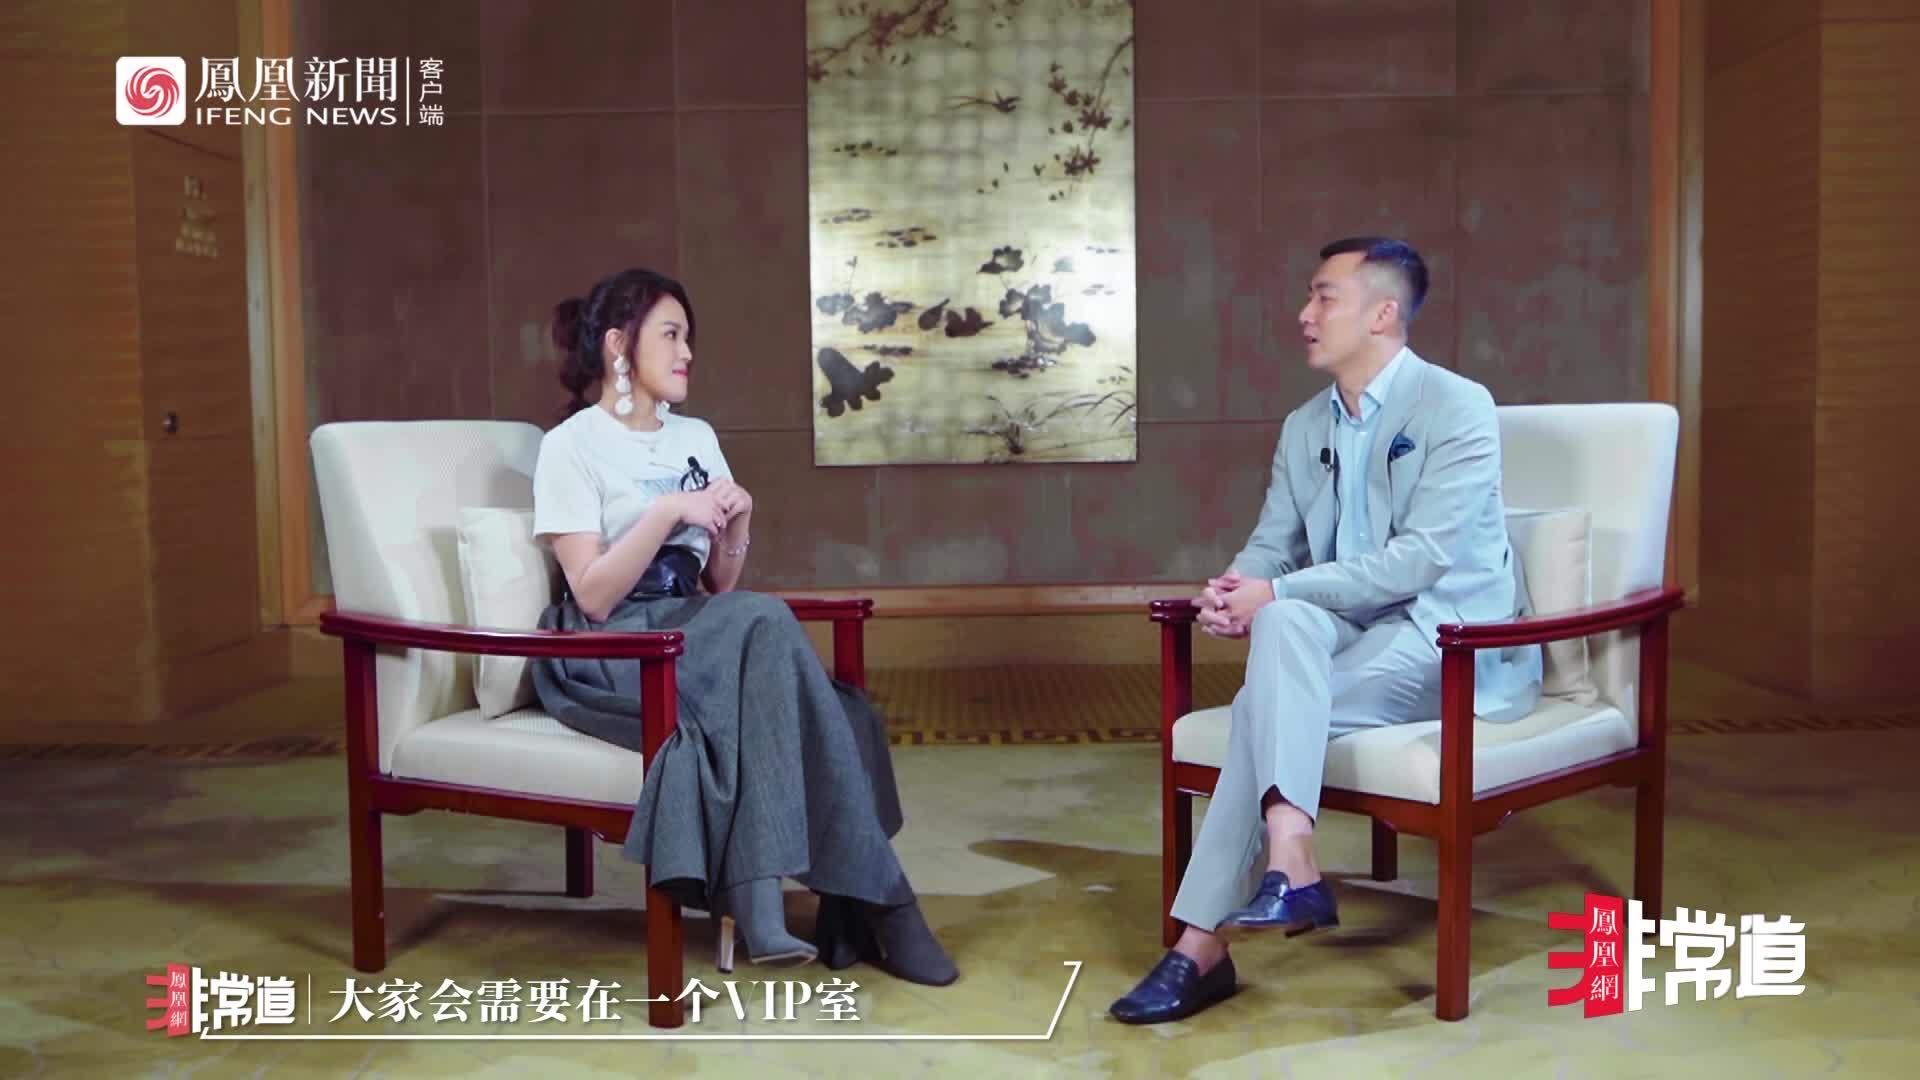 [凤凰网非常道]舒淇爆料女艺人最爱聊话题:你怎么保持得这么好?